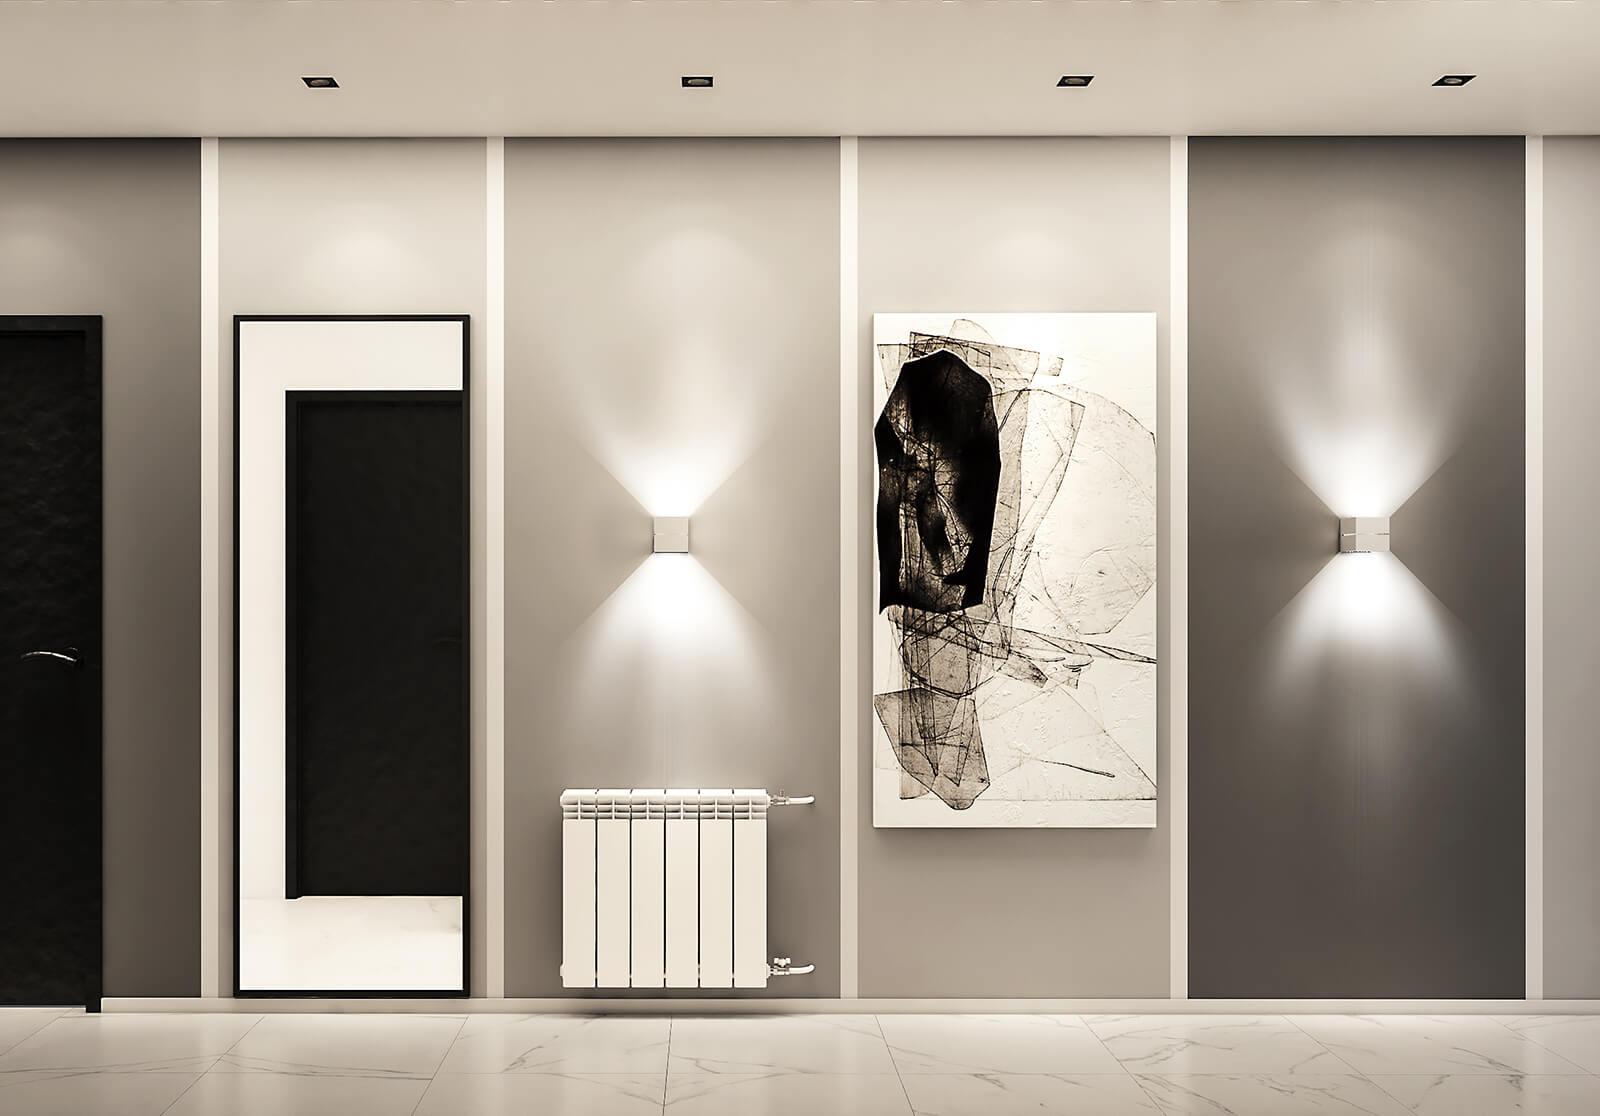 interioren-dizain-proekt-na-koridor-po-poruchka-paulo